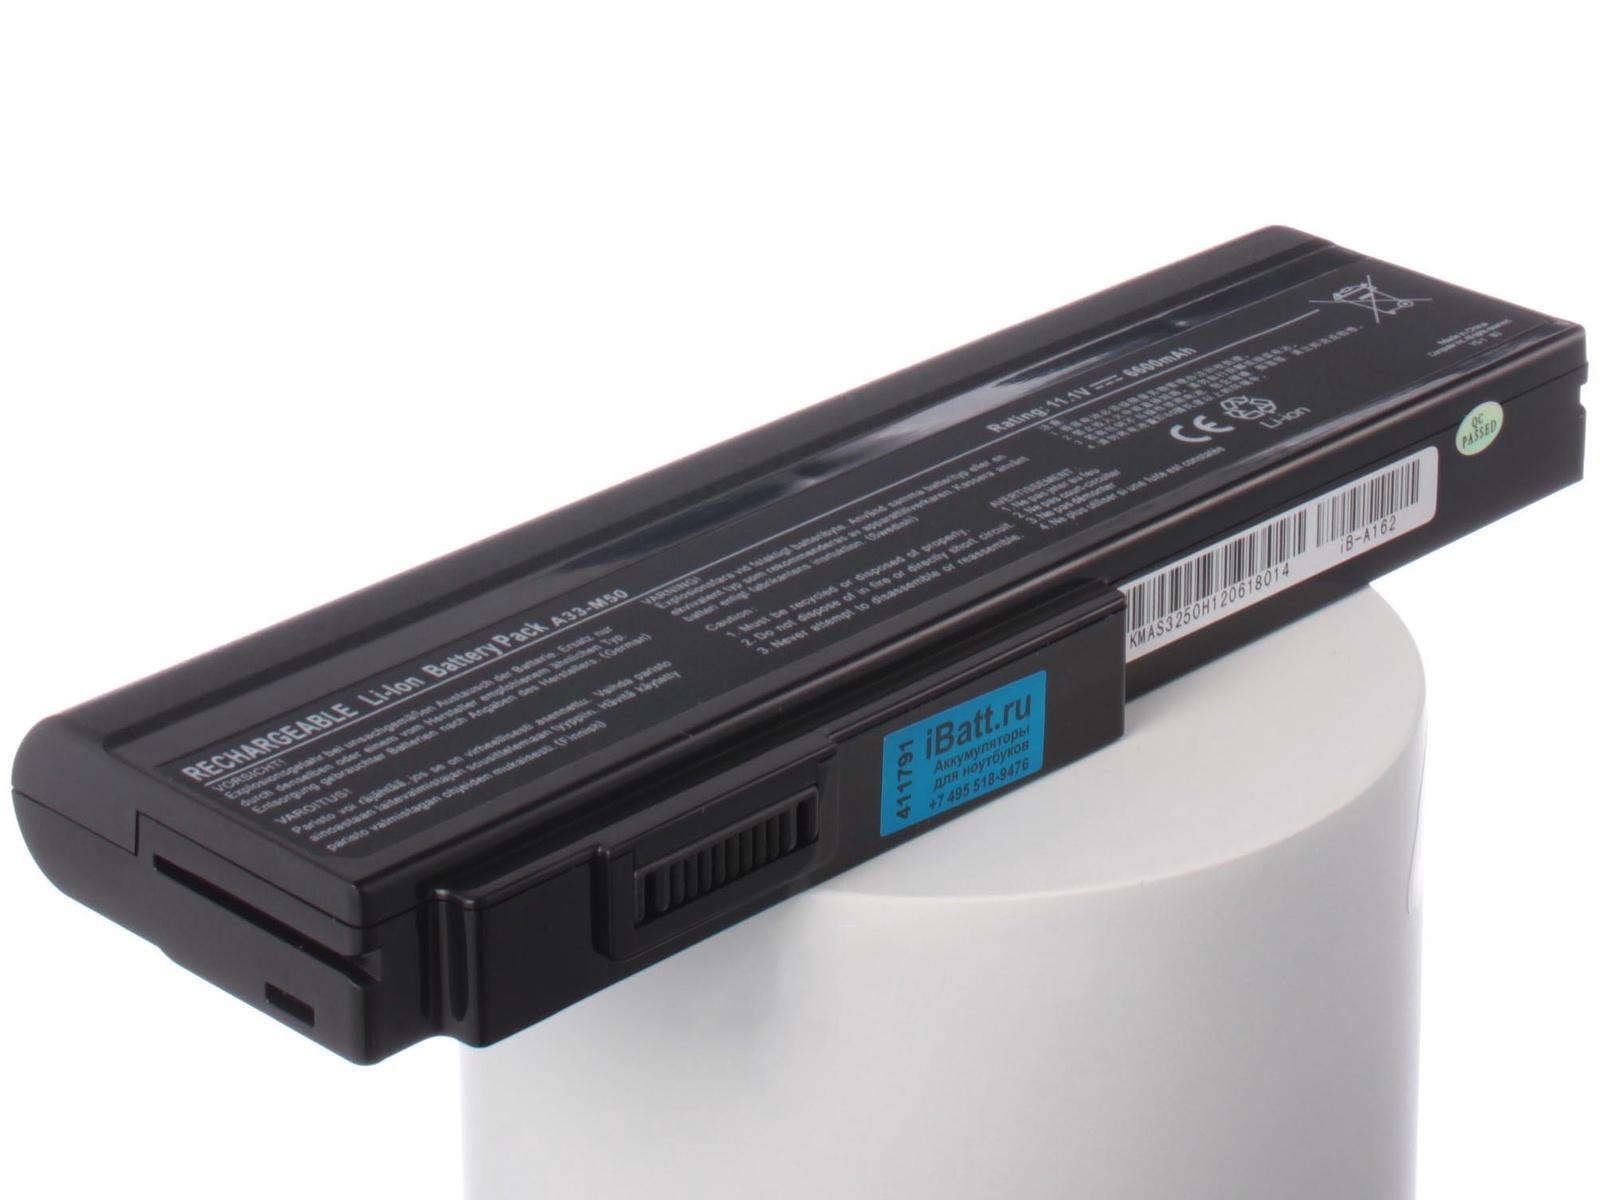 Аккумулятор для ноутбука iBatt Asus A32-N61, A32-M50, A32-H36, A33-M50, 90-NED1B2100Y, A31-B43, A32-X64, 15G10N373800, L072051, L0790C6